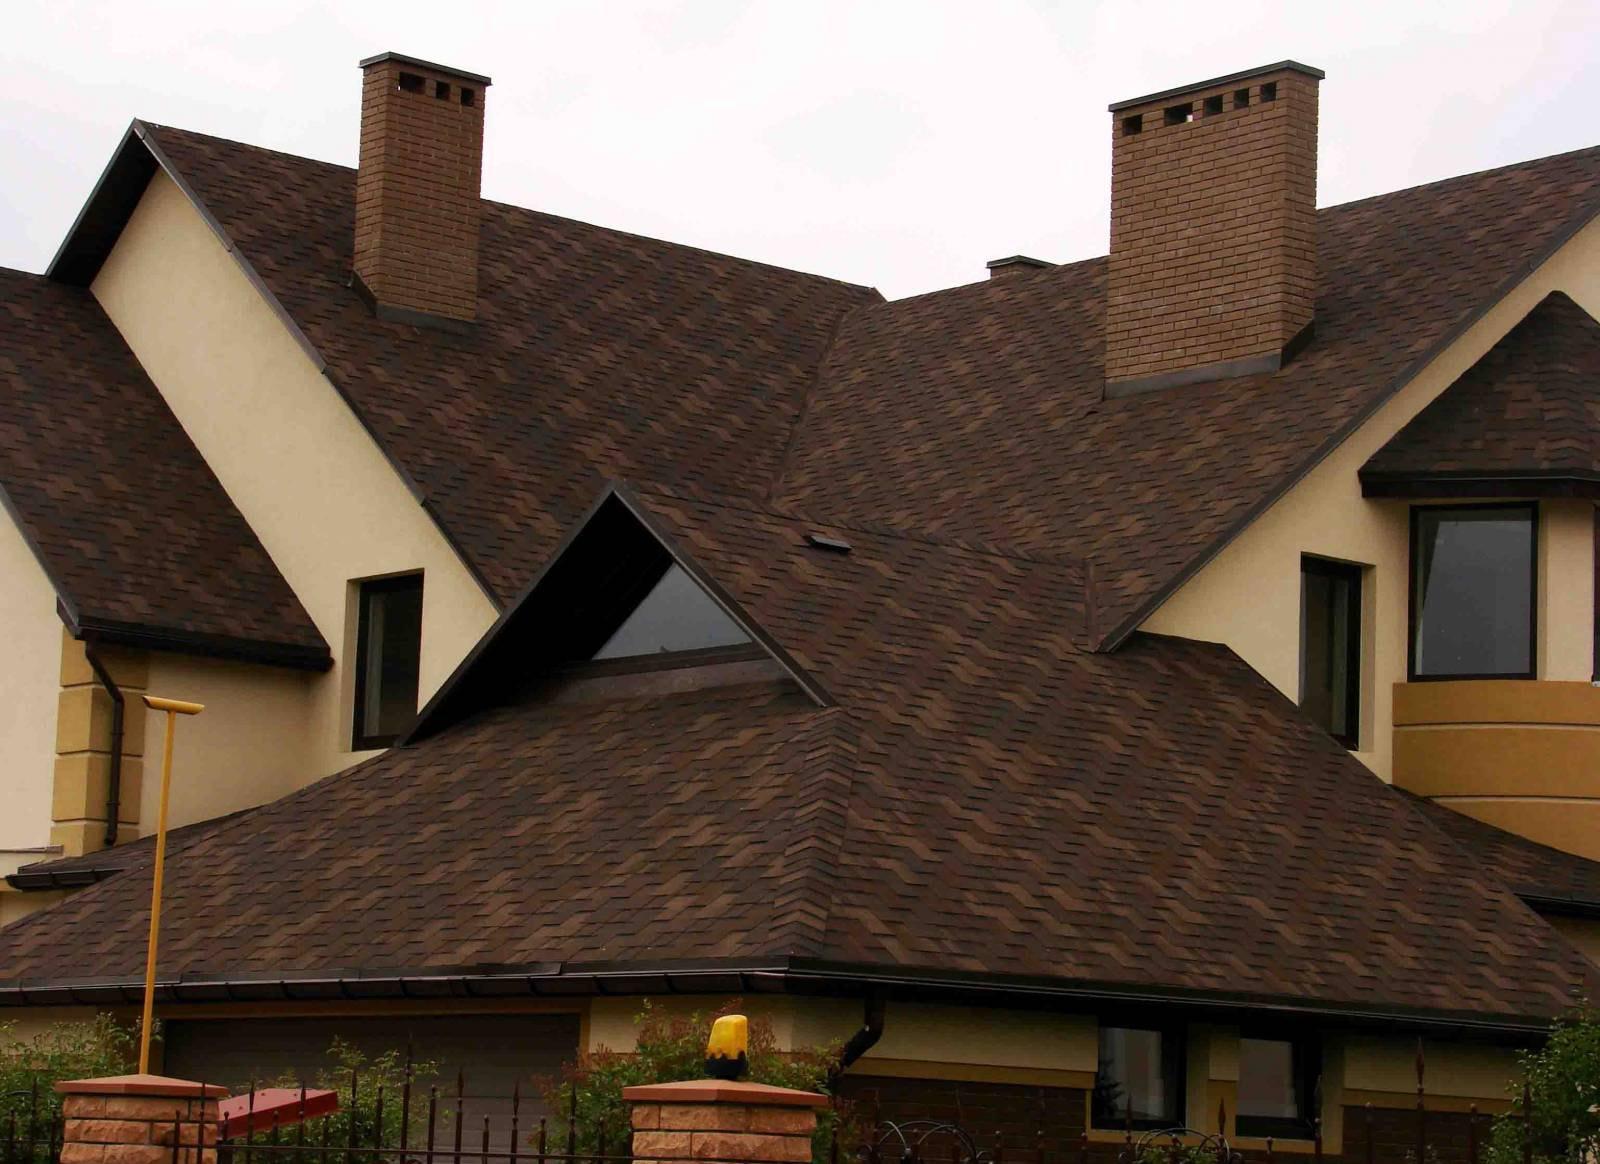 апорт ориентирован картинки домой с крышей из мягкой кровли правильно